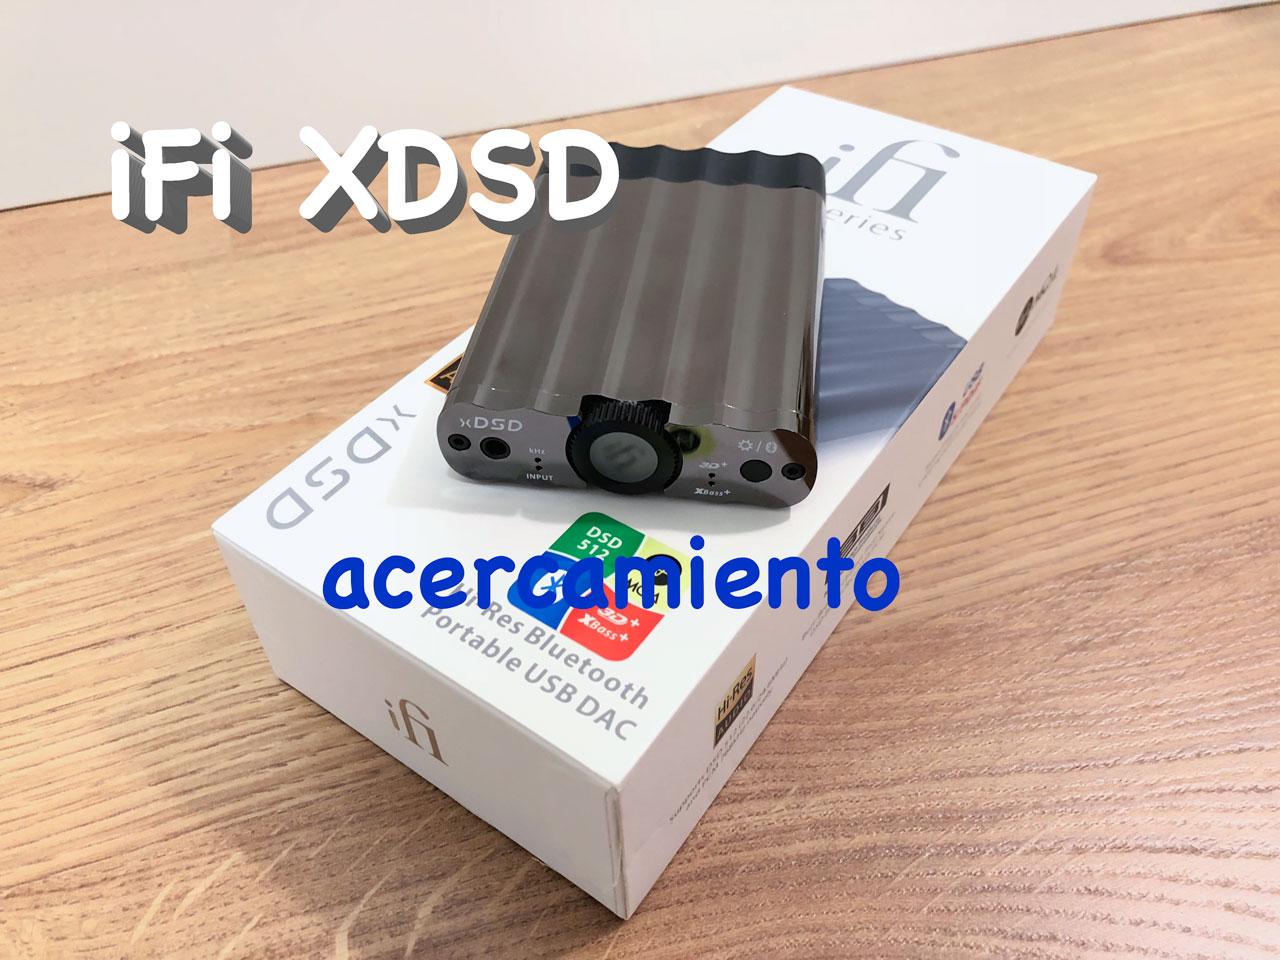 iFi xDSD vídeo | acercamiento